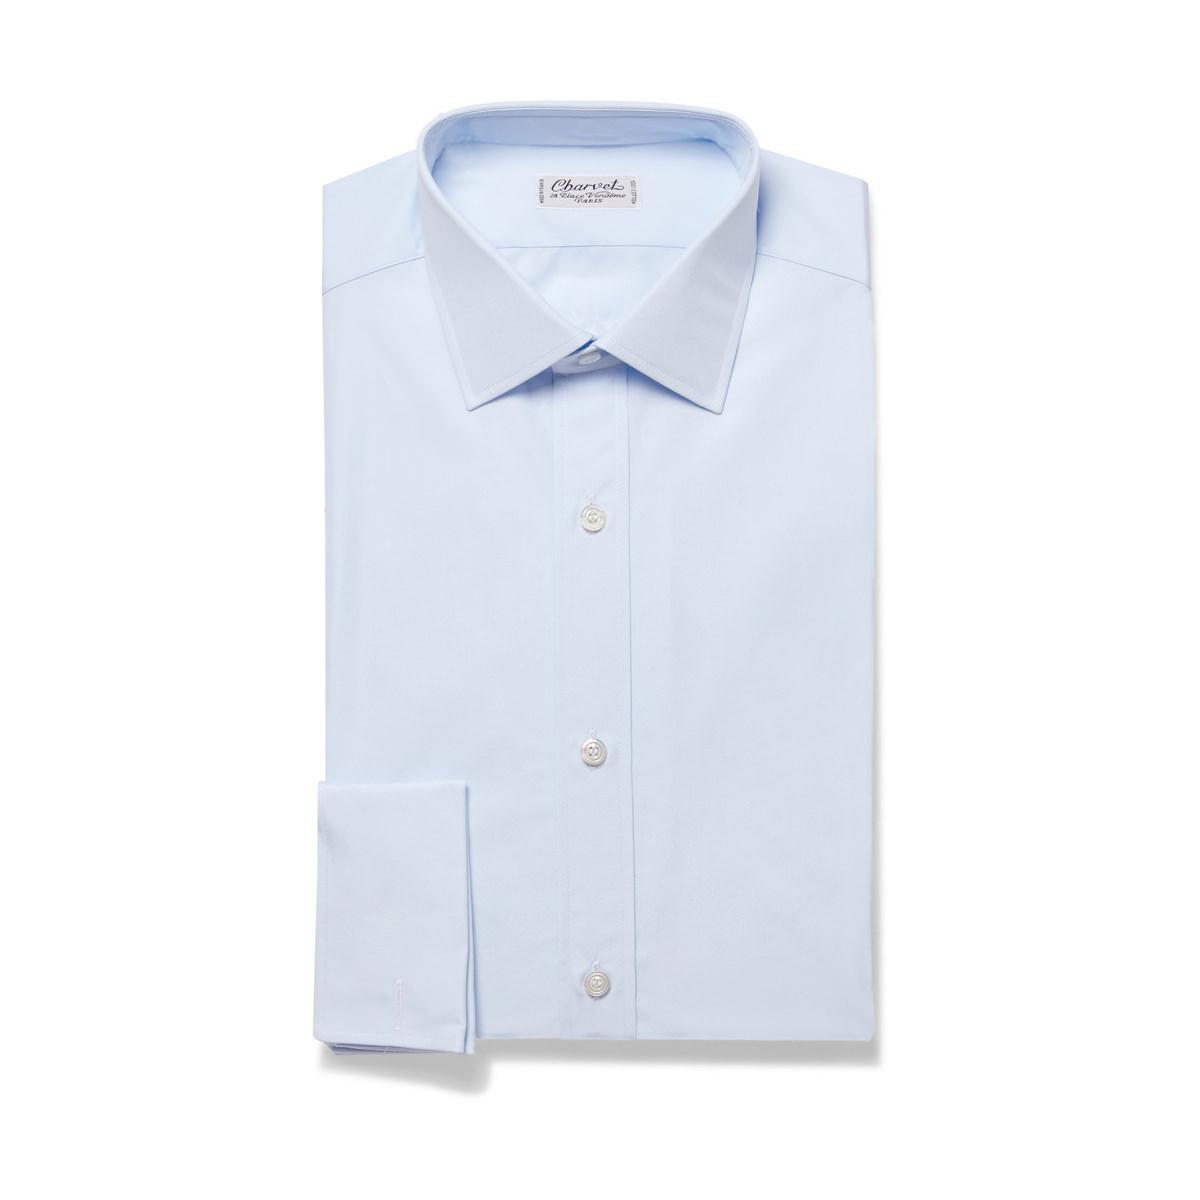 chemise charvet homme